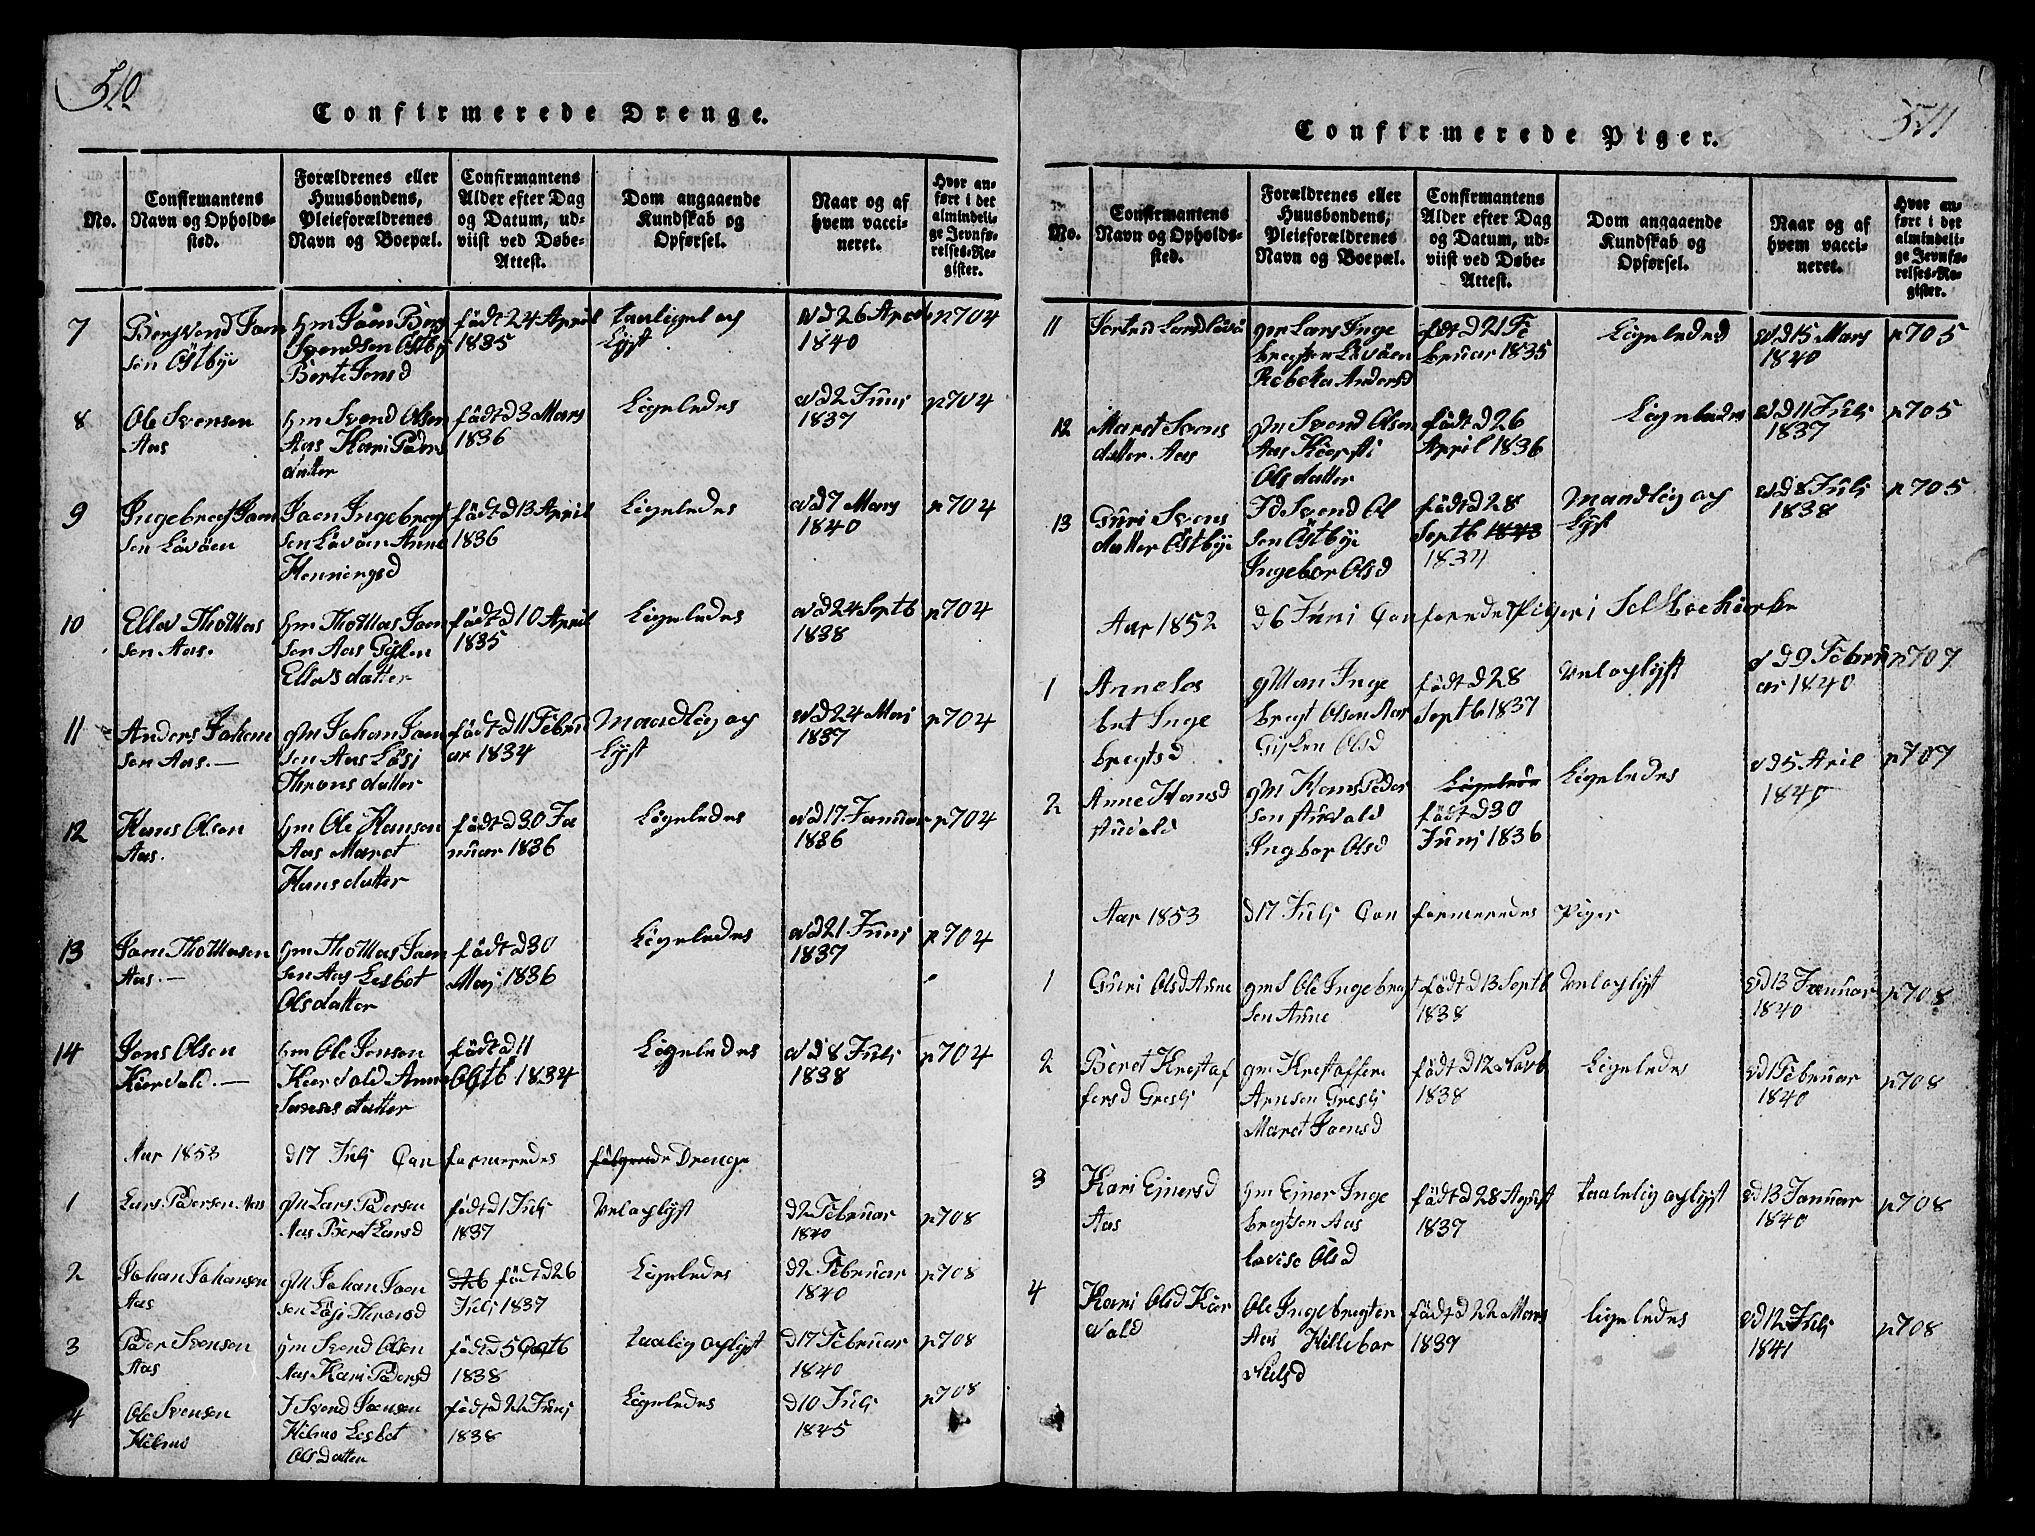 SAT, Ministerialprotokoller, klokkerbøker og fødselsregistre - Sør-Trøndelag, 698/L1164: Klokkerbok nr. 698C01, 1816-1861, s. 510-511